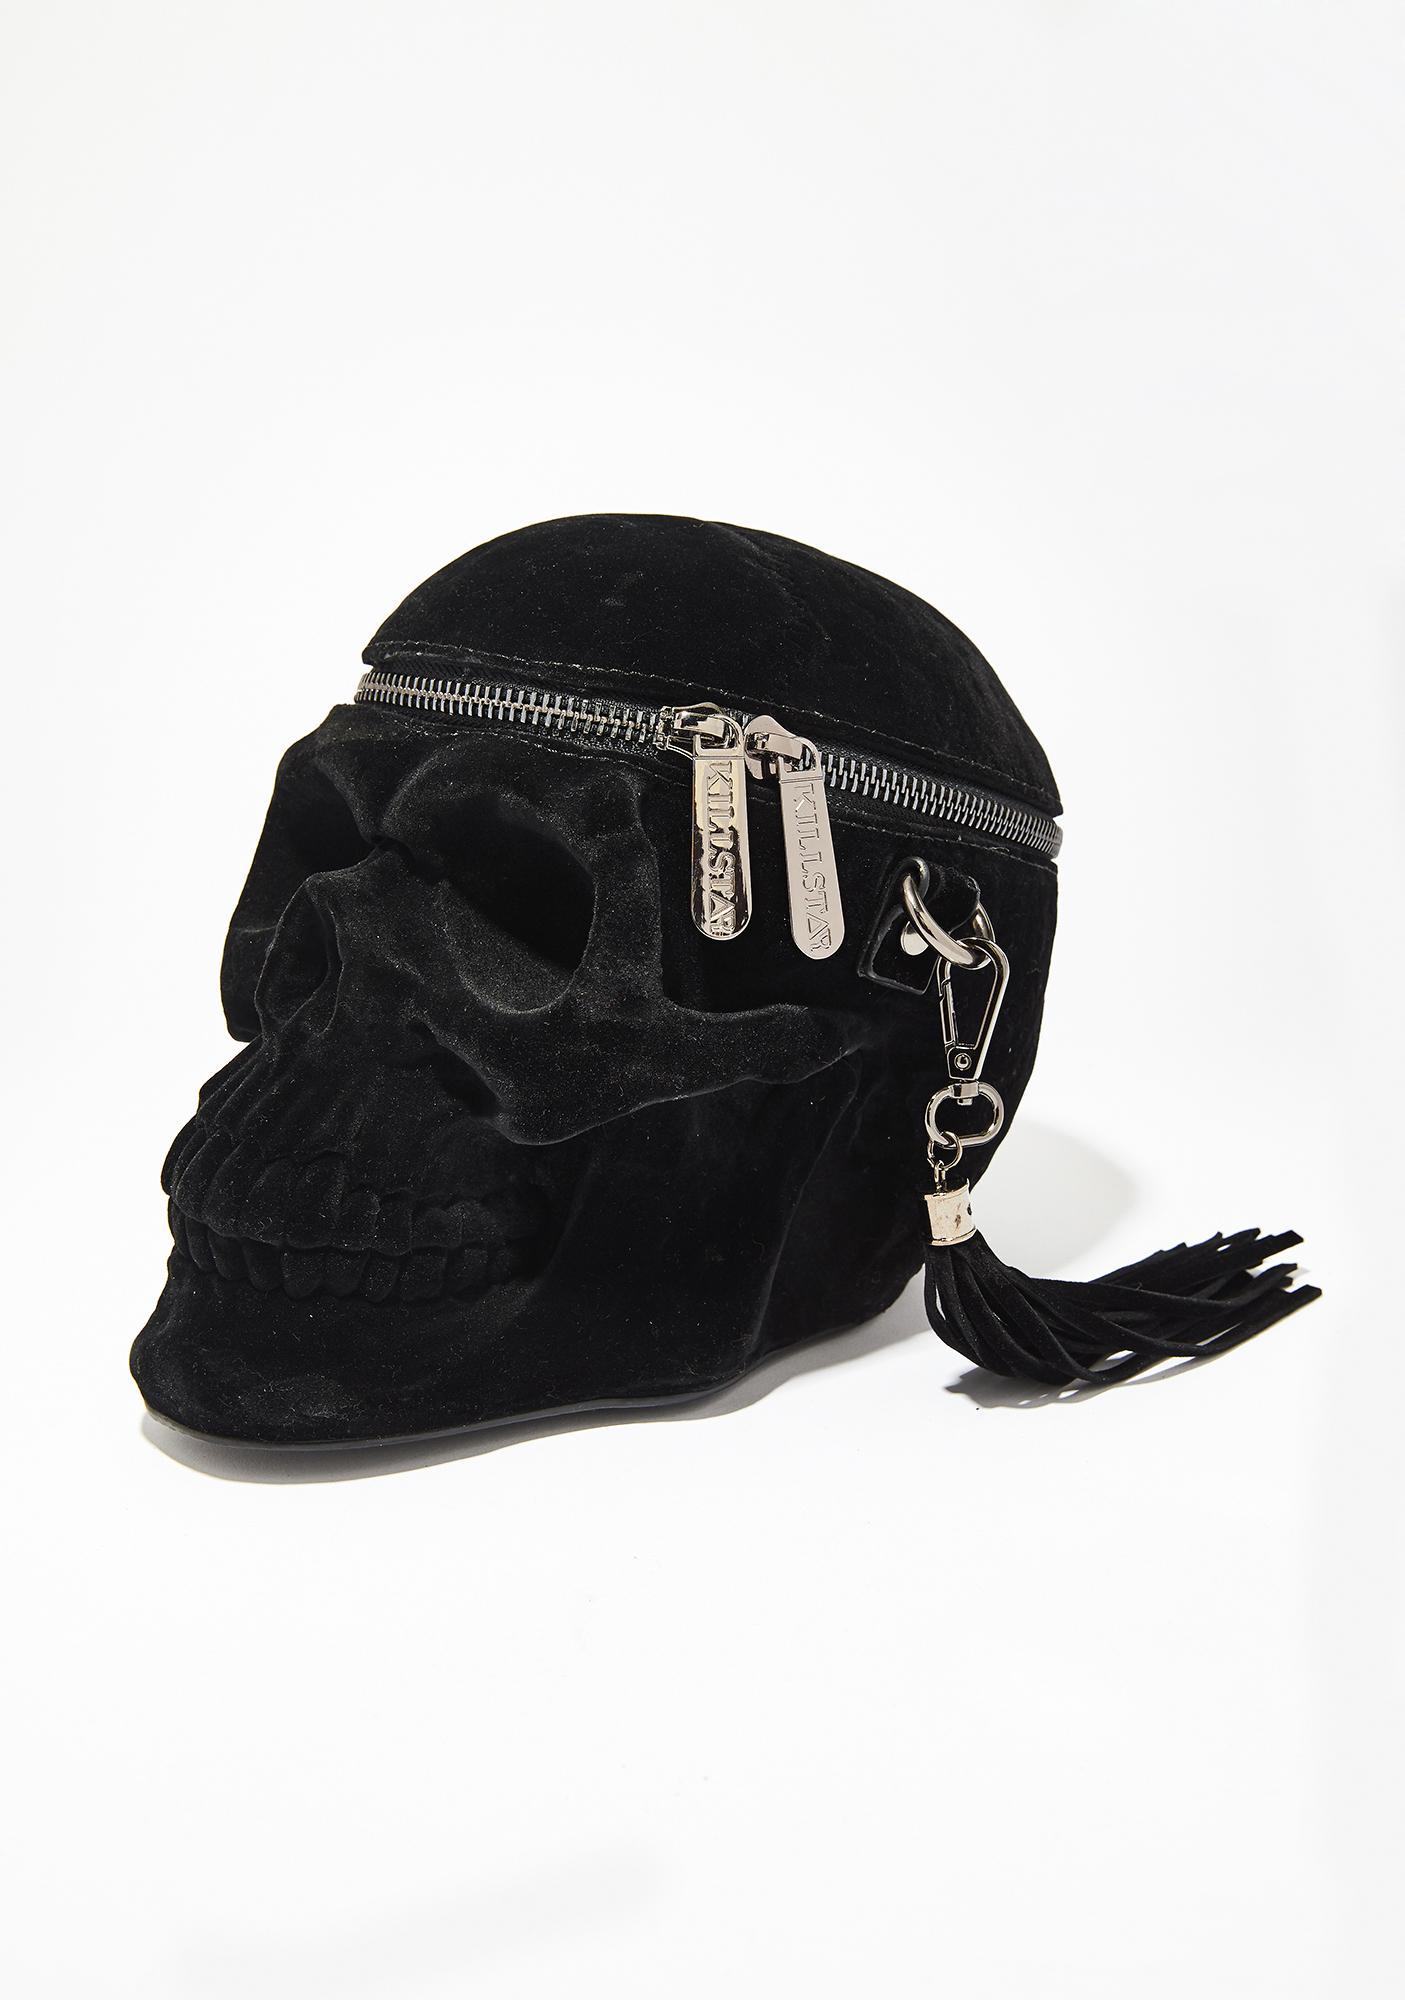 65c66fe1b1f9 Killstar Velvet Grave Digger Handbag